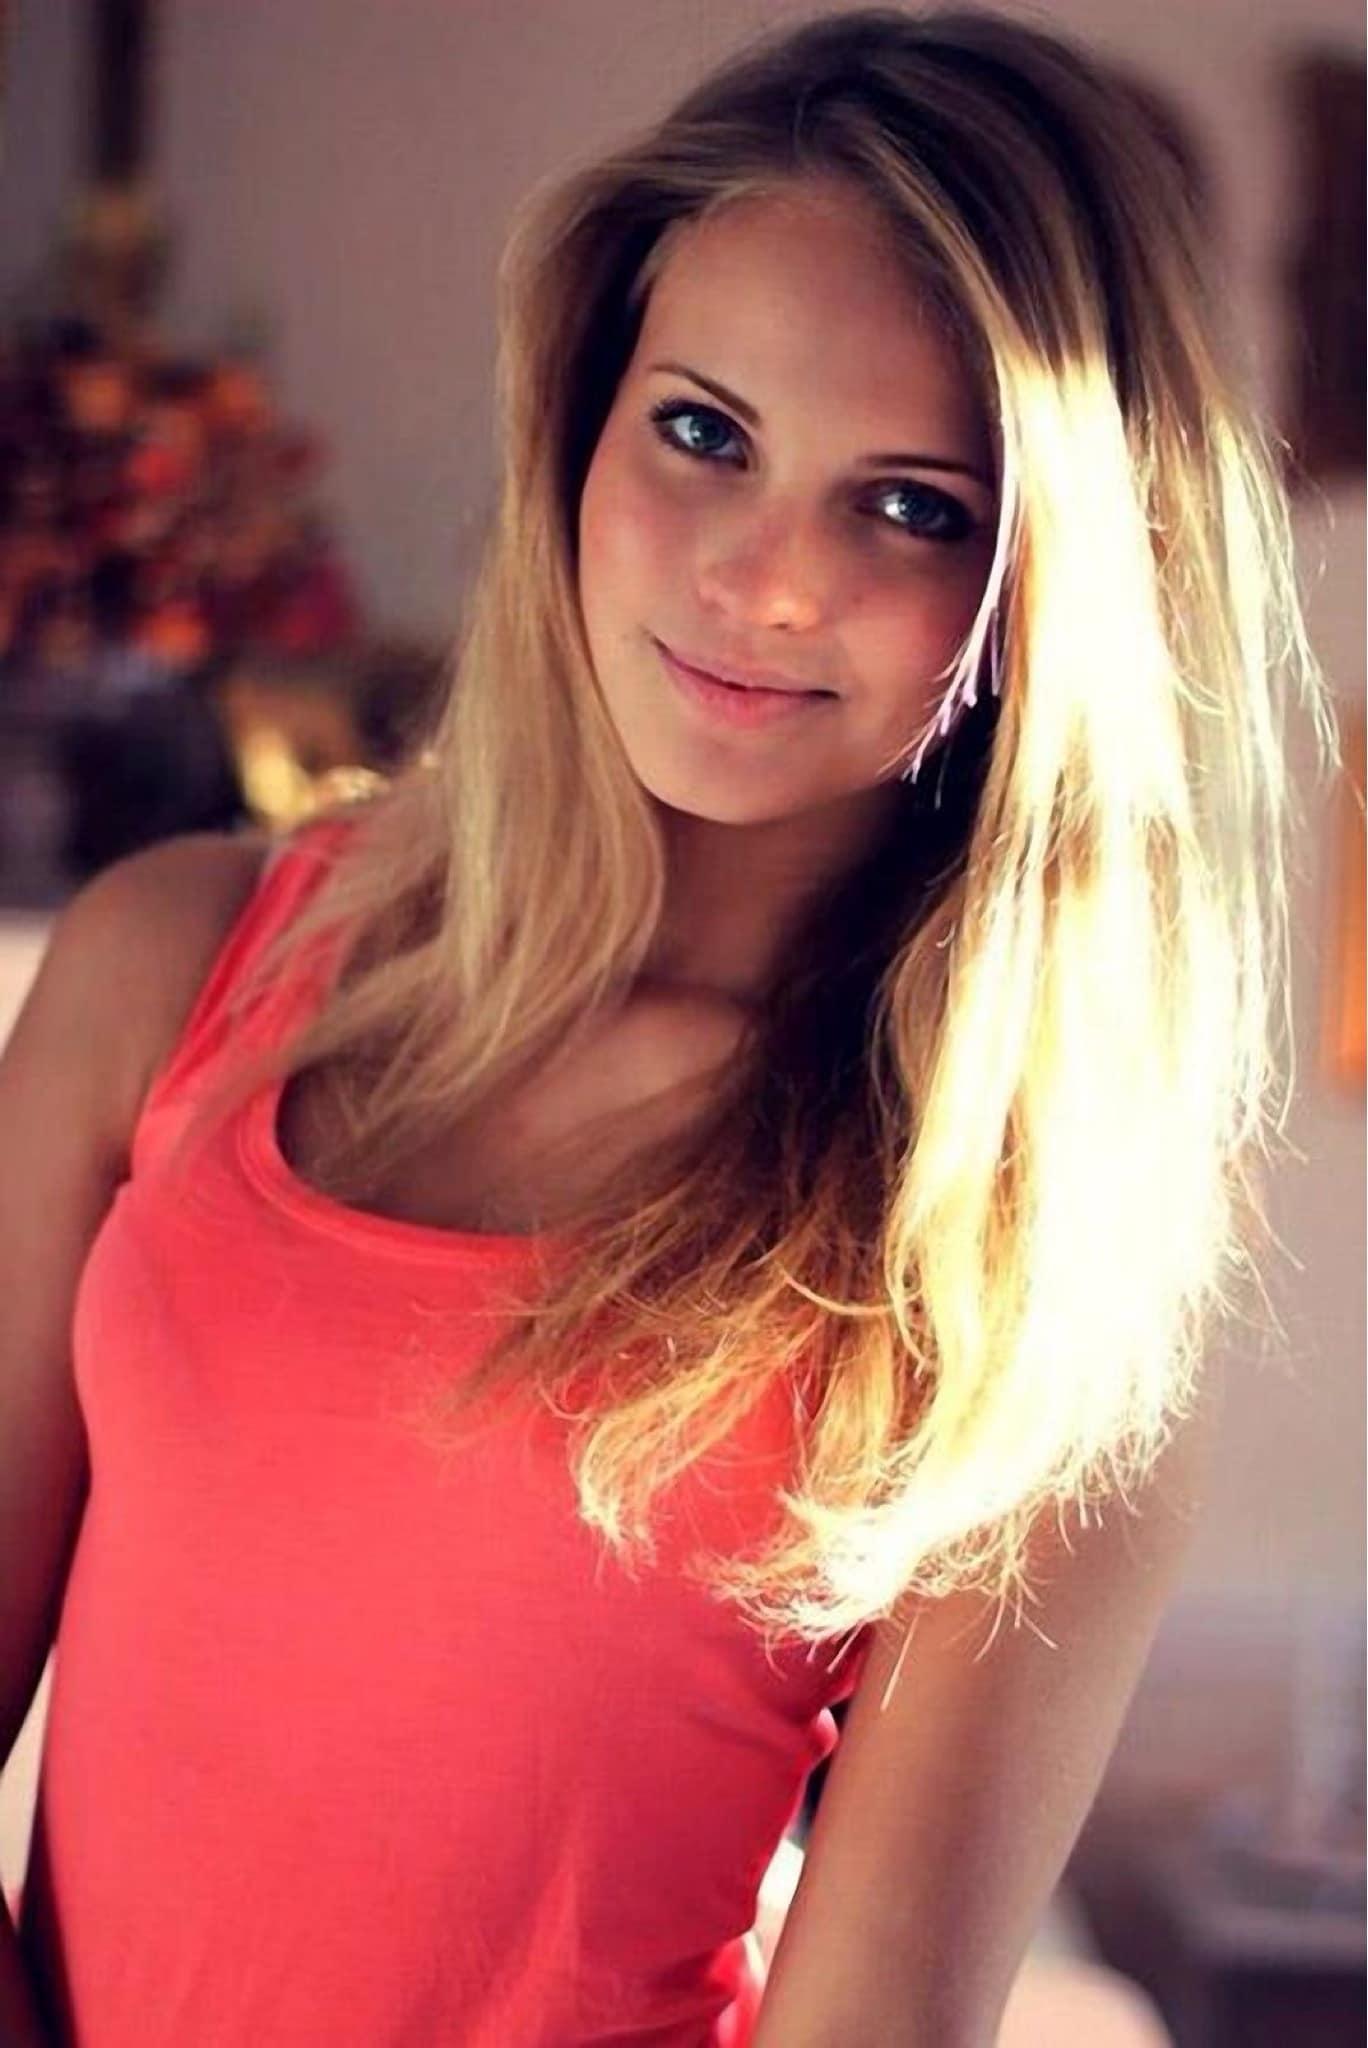 Фото одной молодой красивой девушки вконтакте — 8